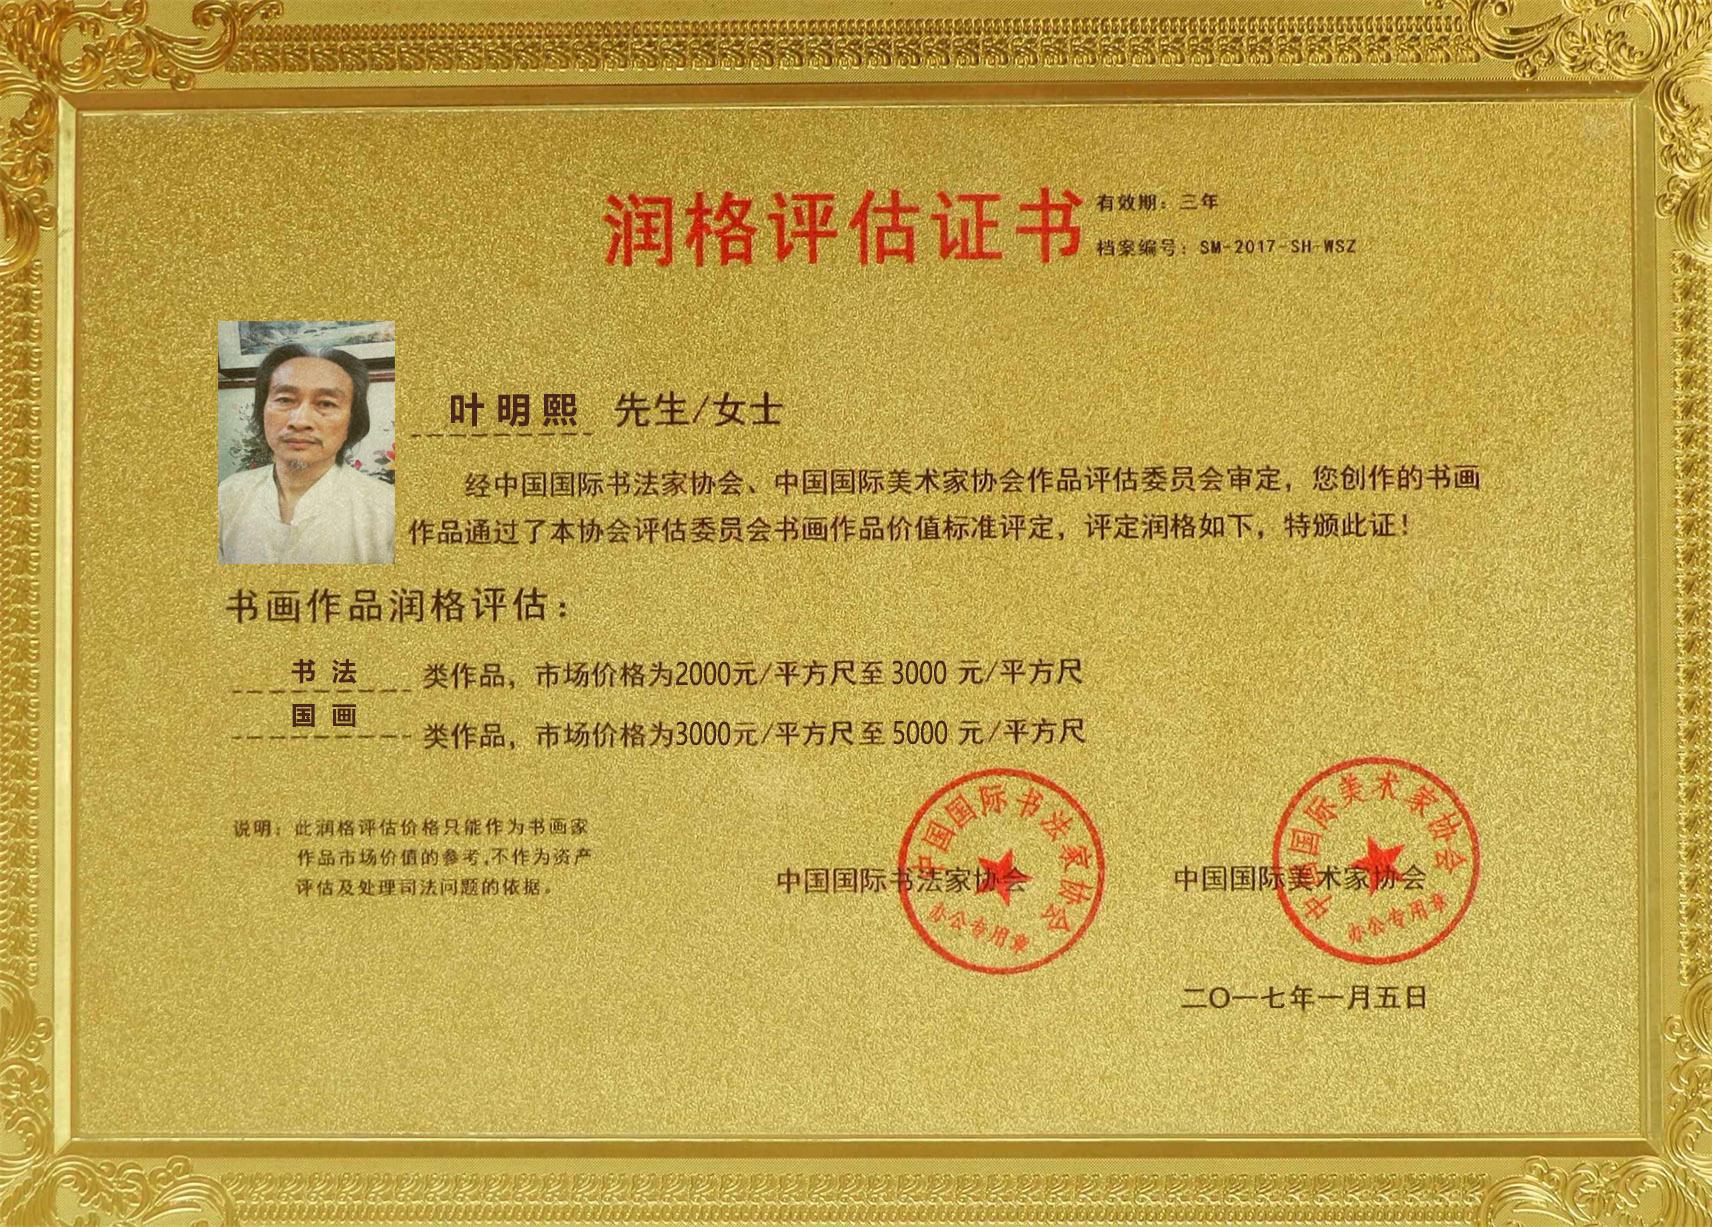 平尺 元 1200 定制名家名人字画书法作品国家一级书法家纯手写真迹